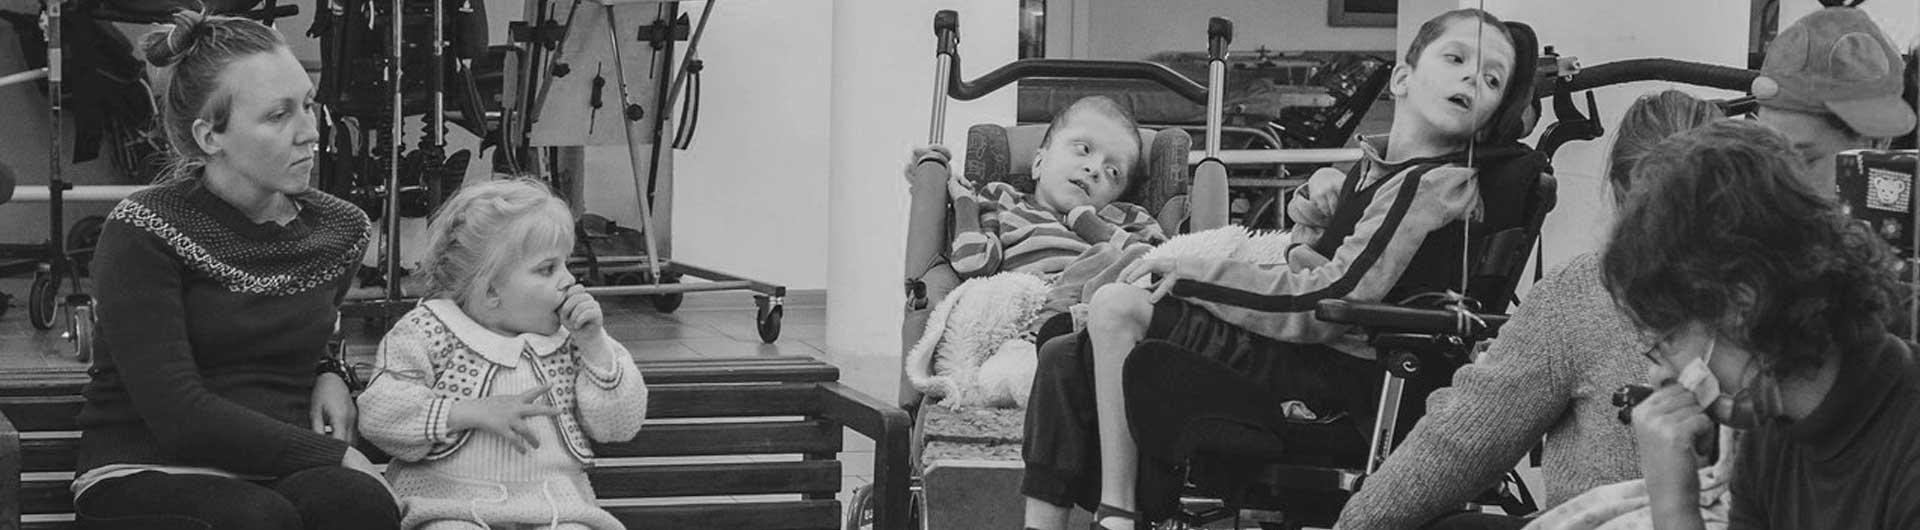 Программа помощь детям в Детском доме-интернате №4 в Павловске